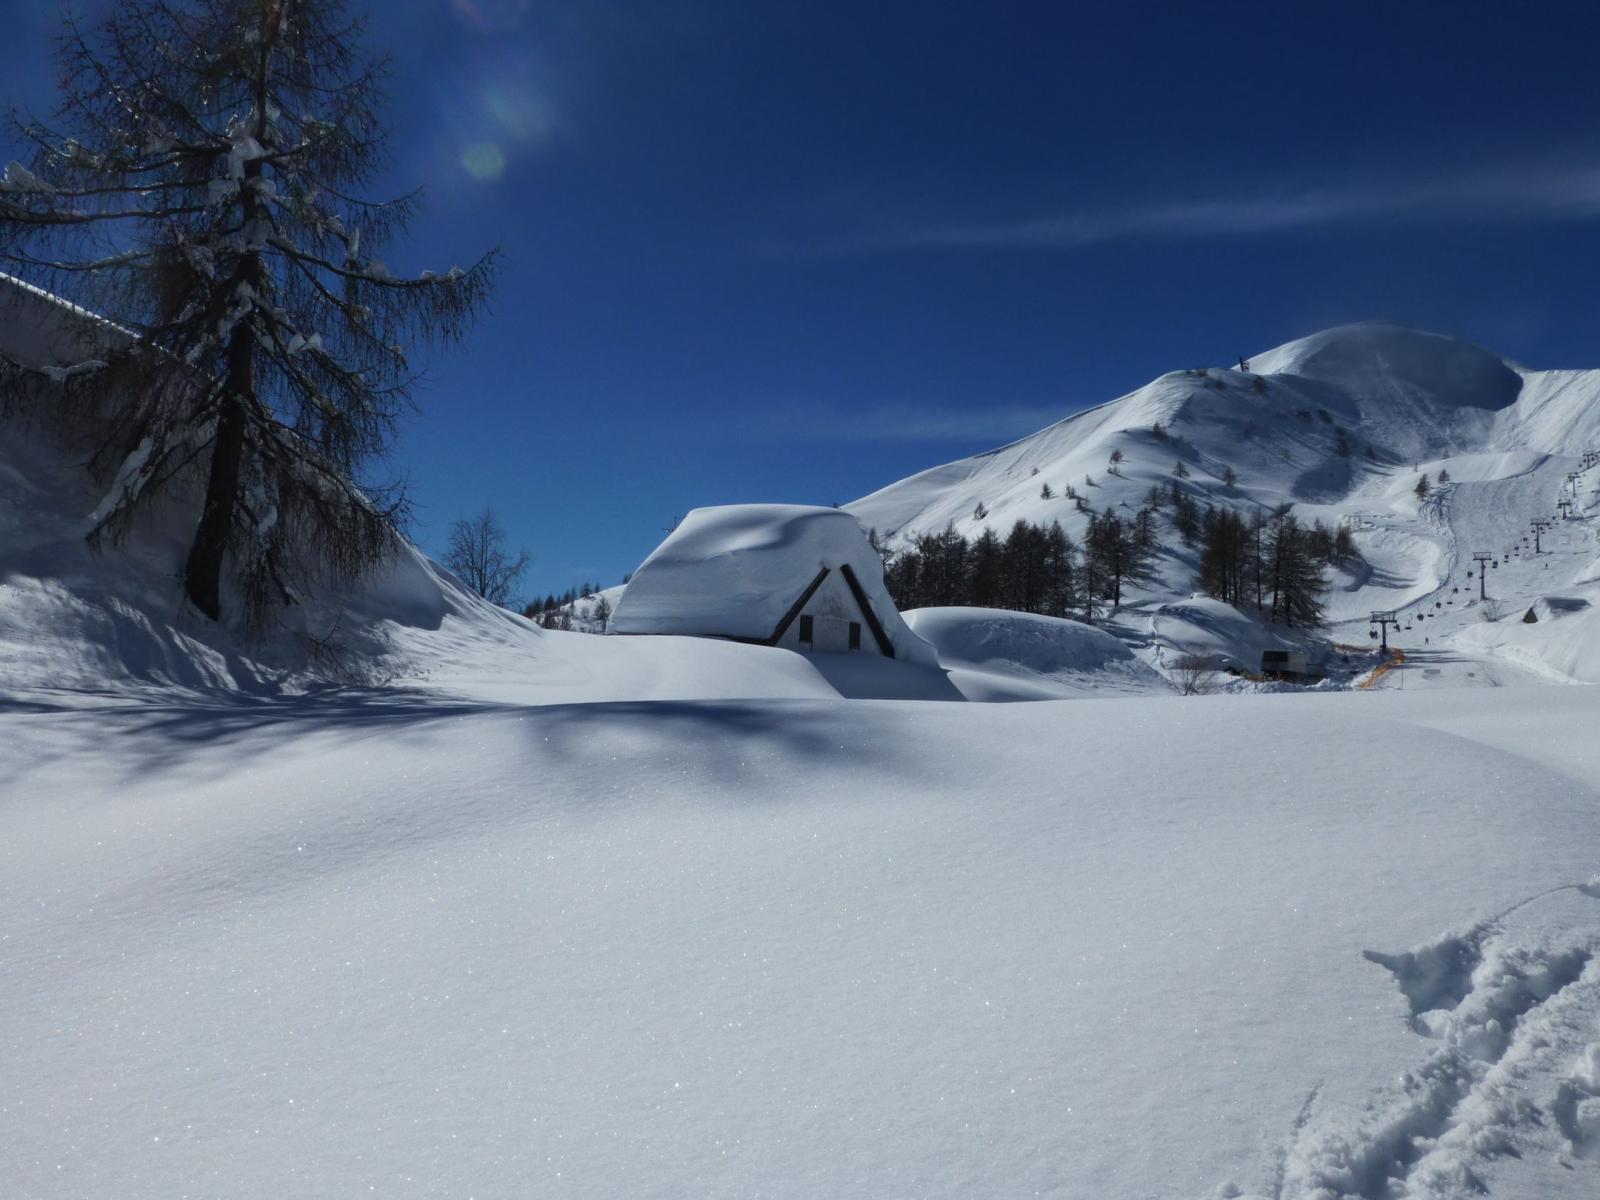 Da confrontarsi con la già abbondante neve delle fote di 2 settimane fa